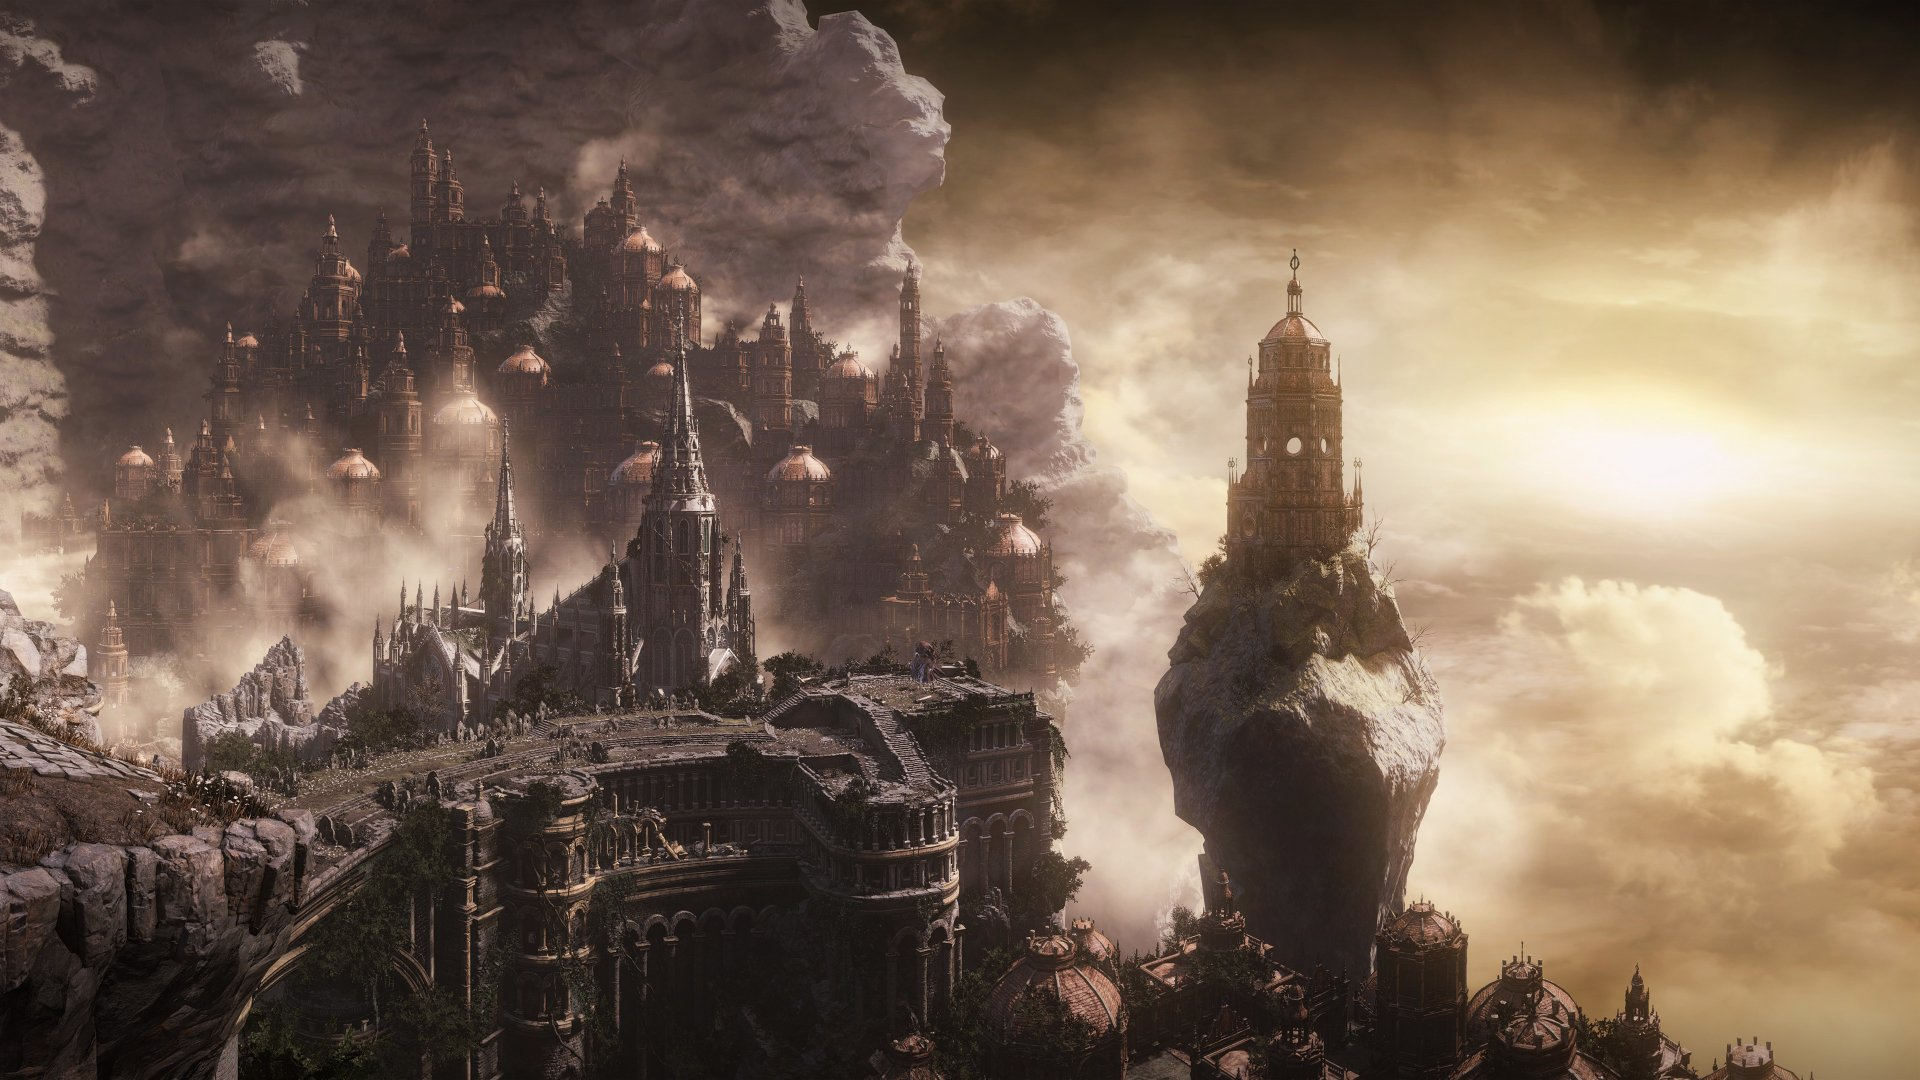 电子游戏 - 黑暗之魂3  城市 奇幻 壁纸